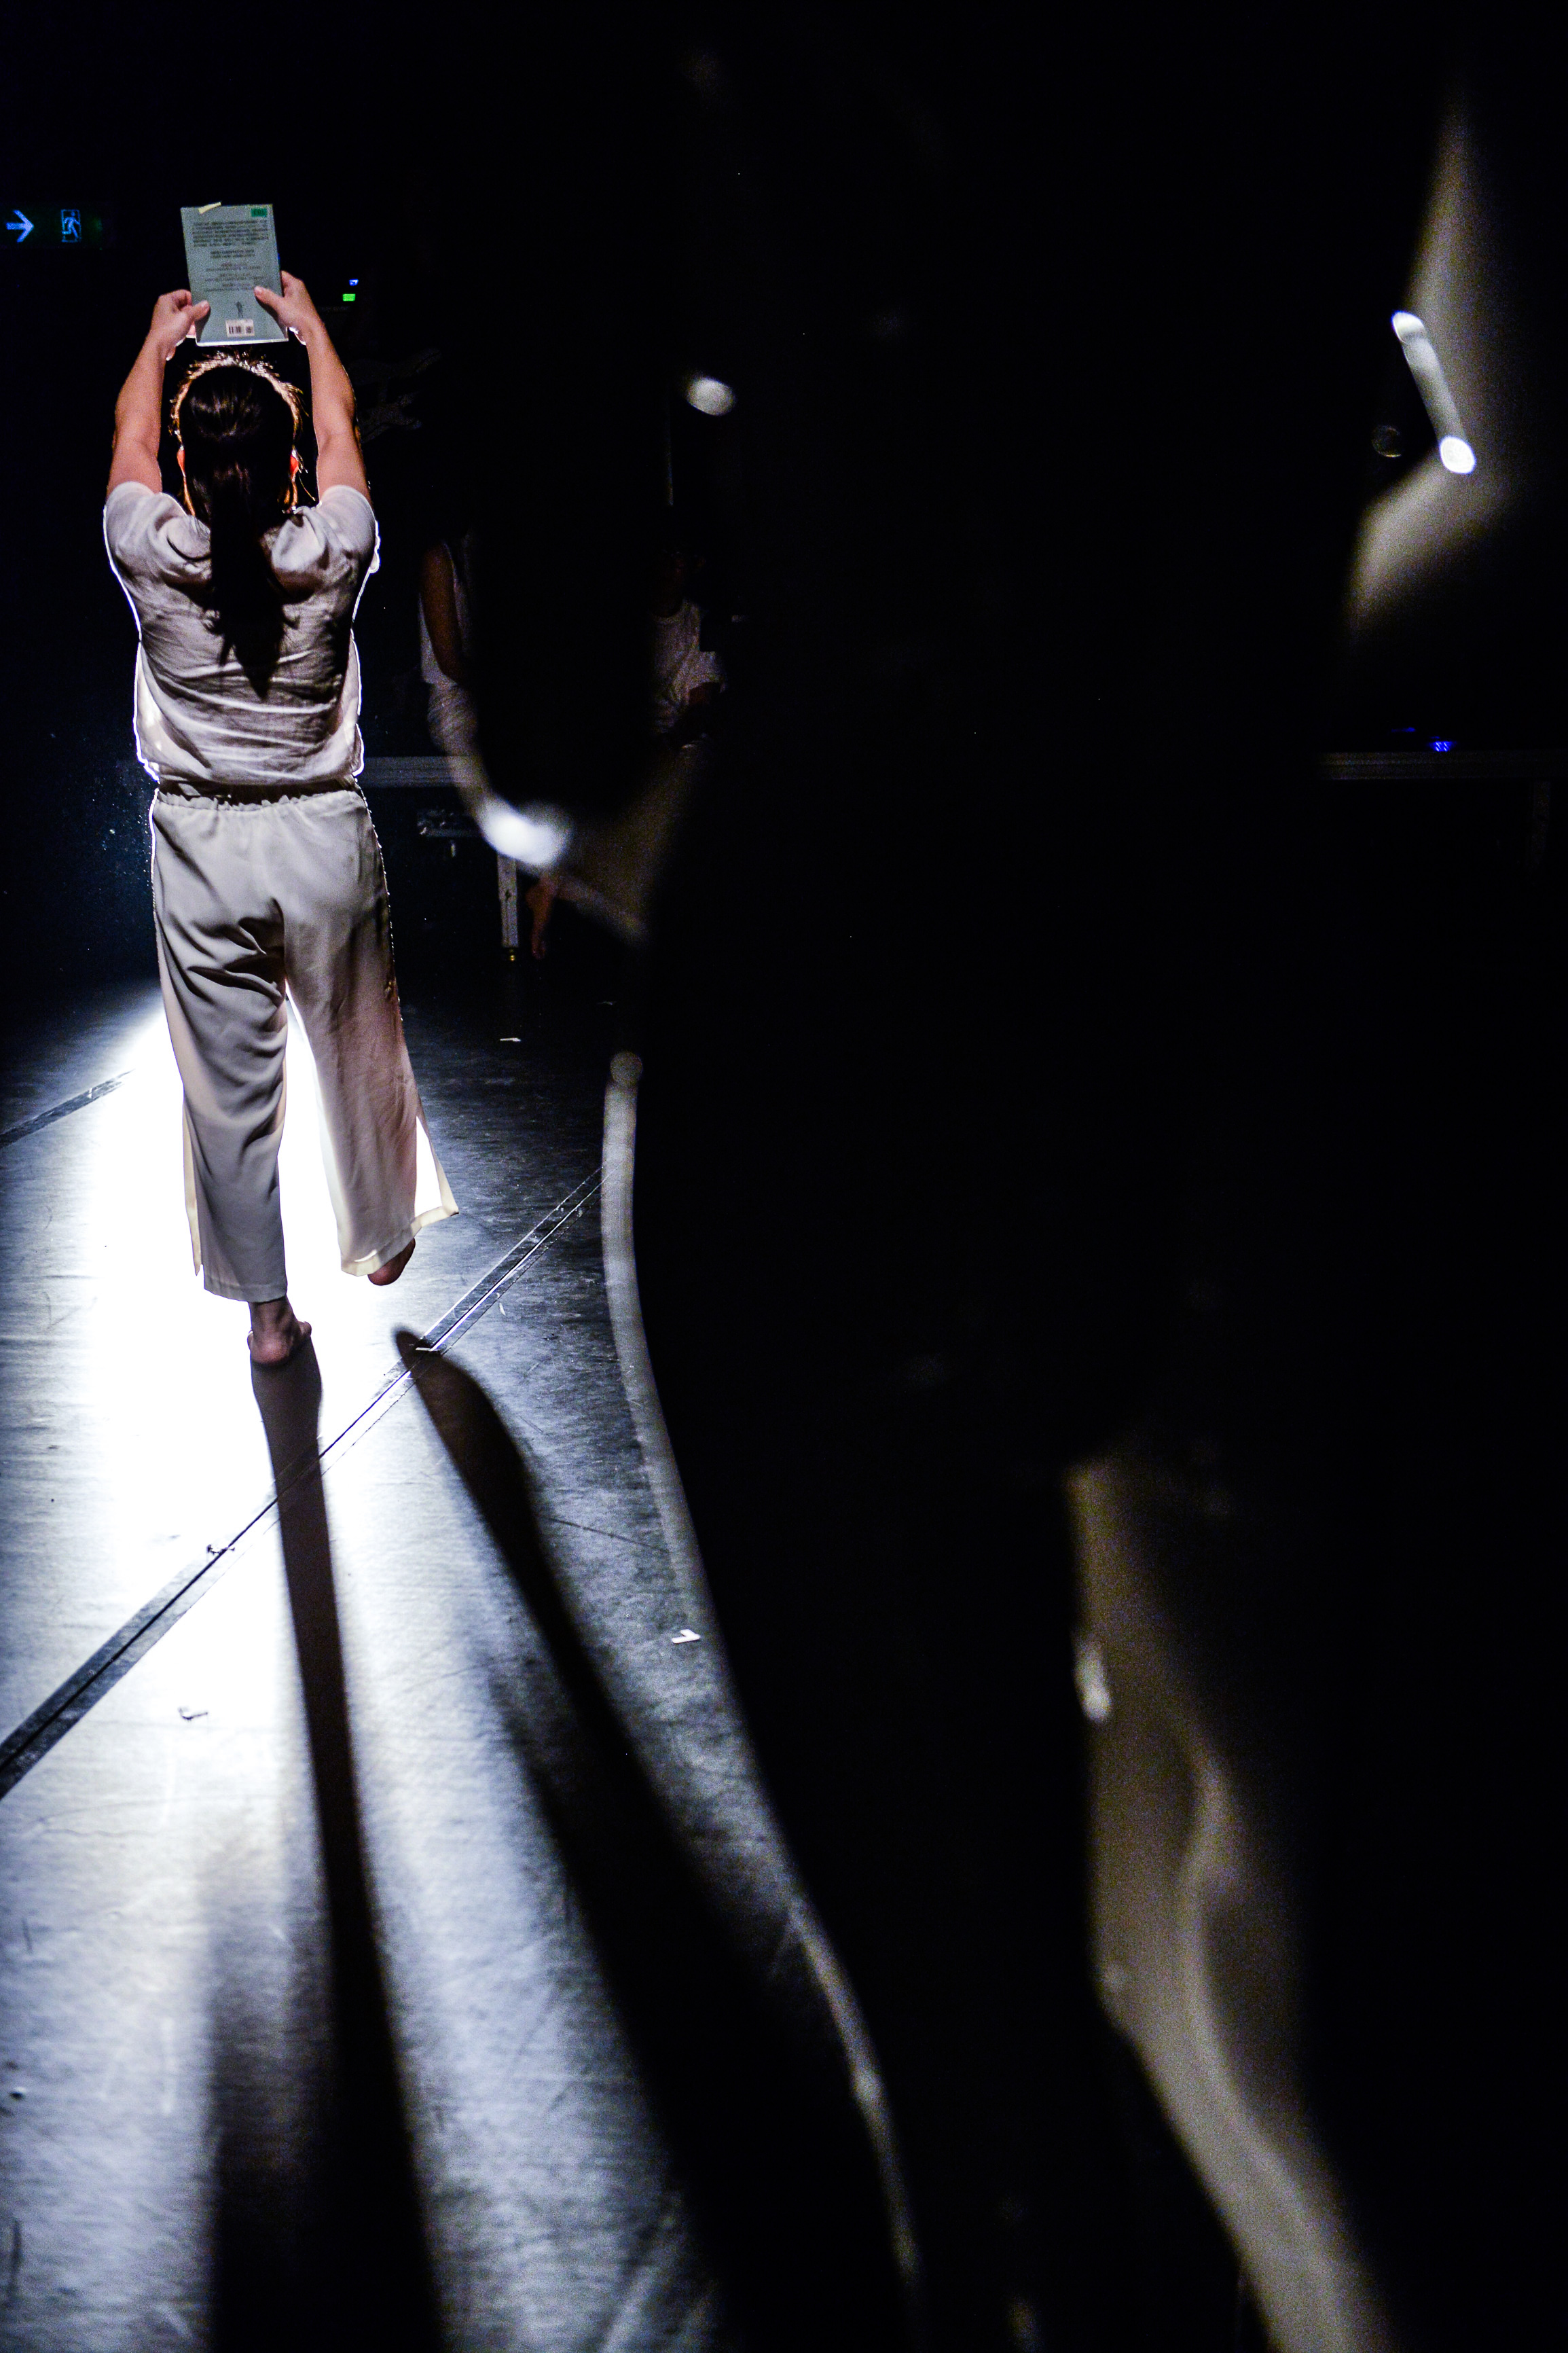 《復仇變奏曲》/人物:黃安婷/類別:演出、《復仇變奏曲》/攝影:Fung Wai Sun/(天台製作 • 香港專業劇團)